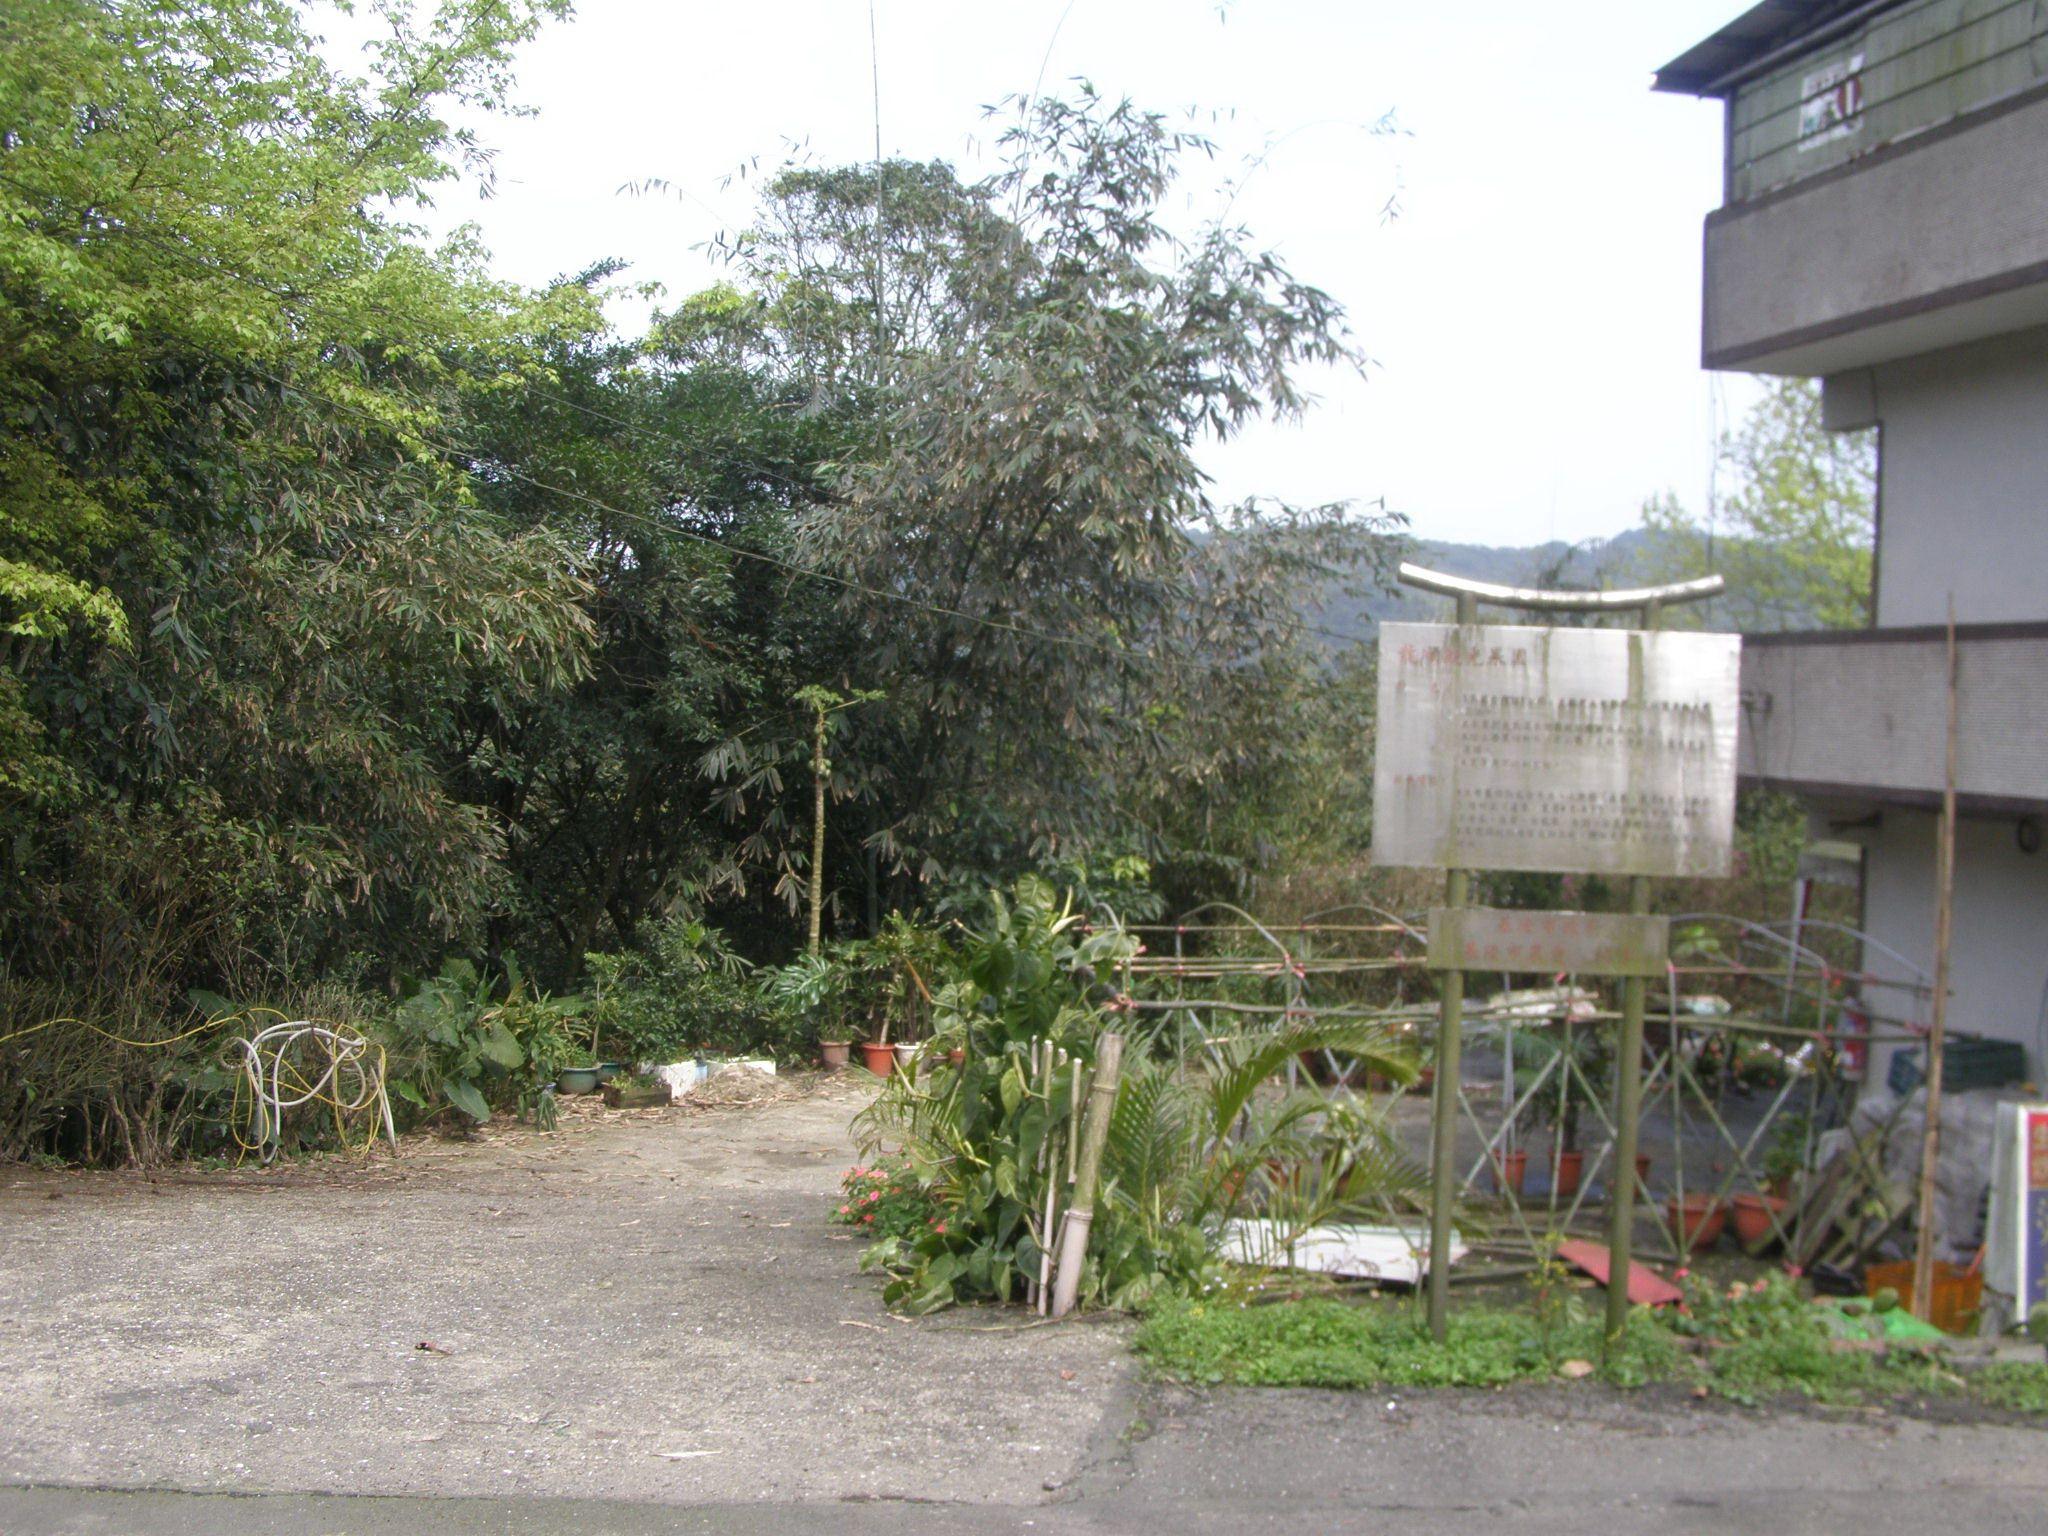 龍順觀光果園 台灣26大風景區推薦 台灣行旅遊網 scenery plants